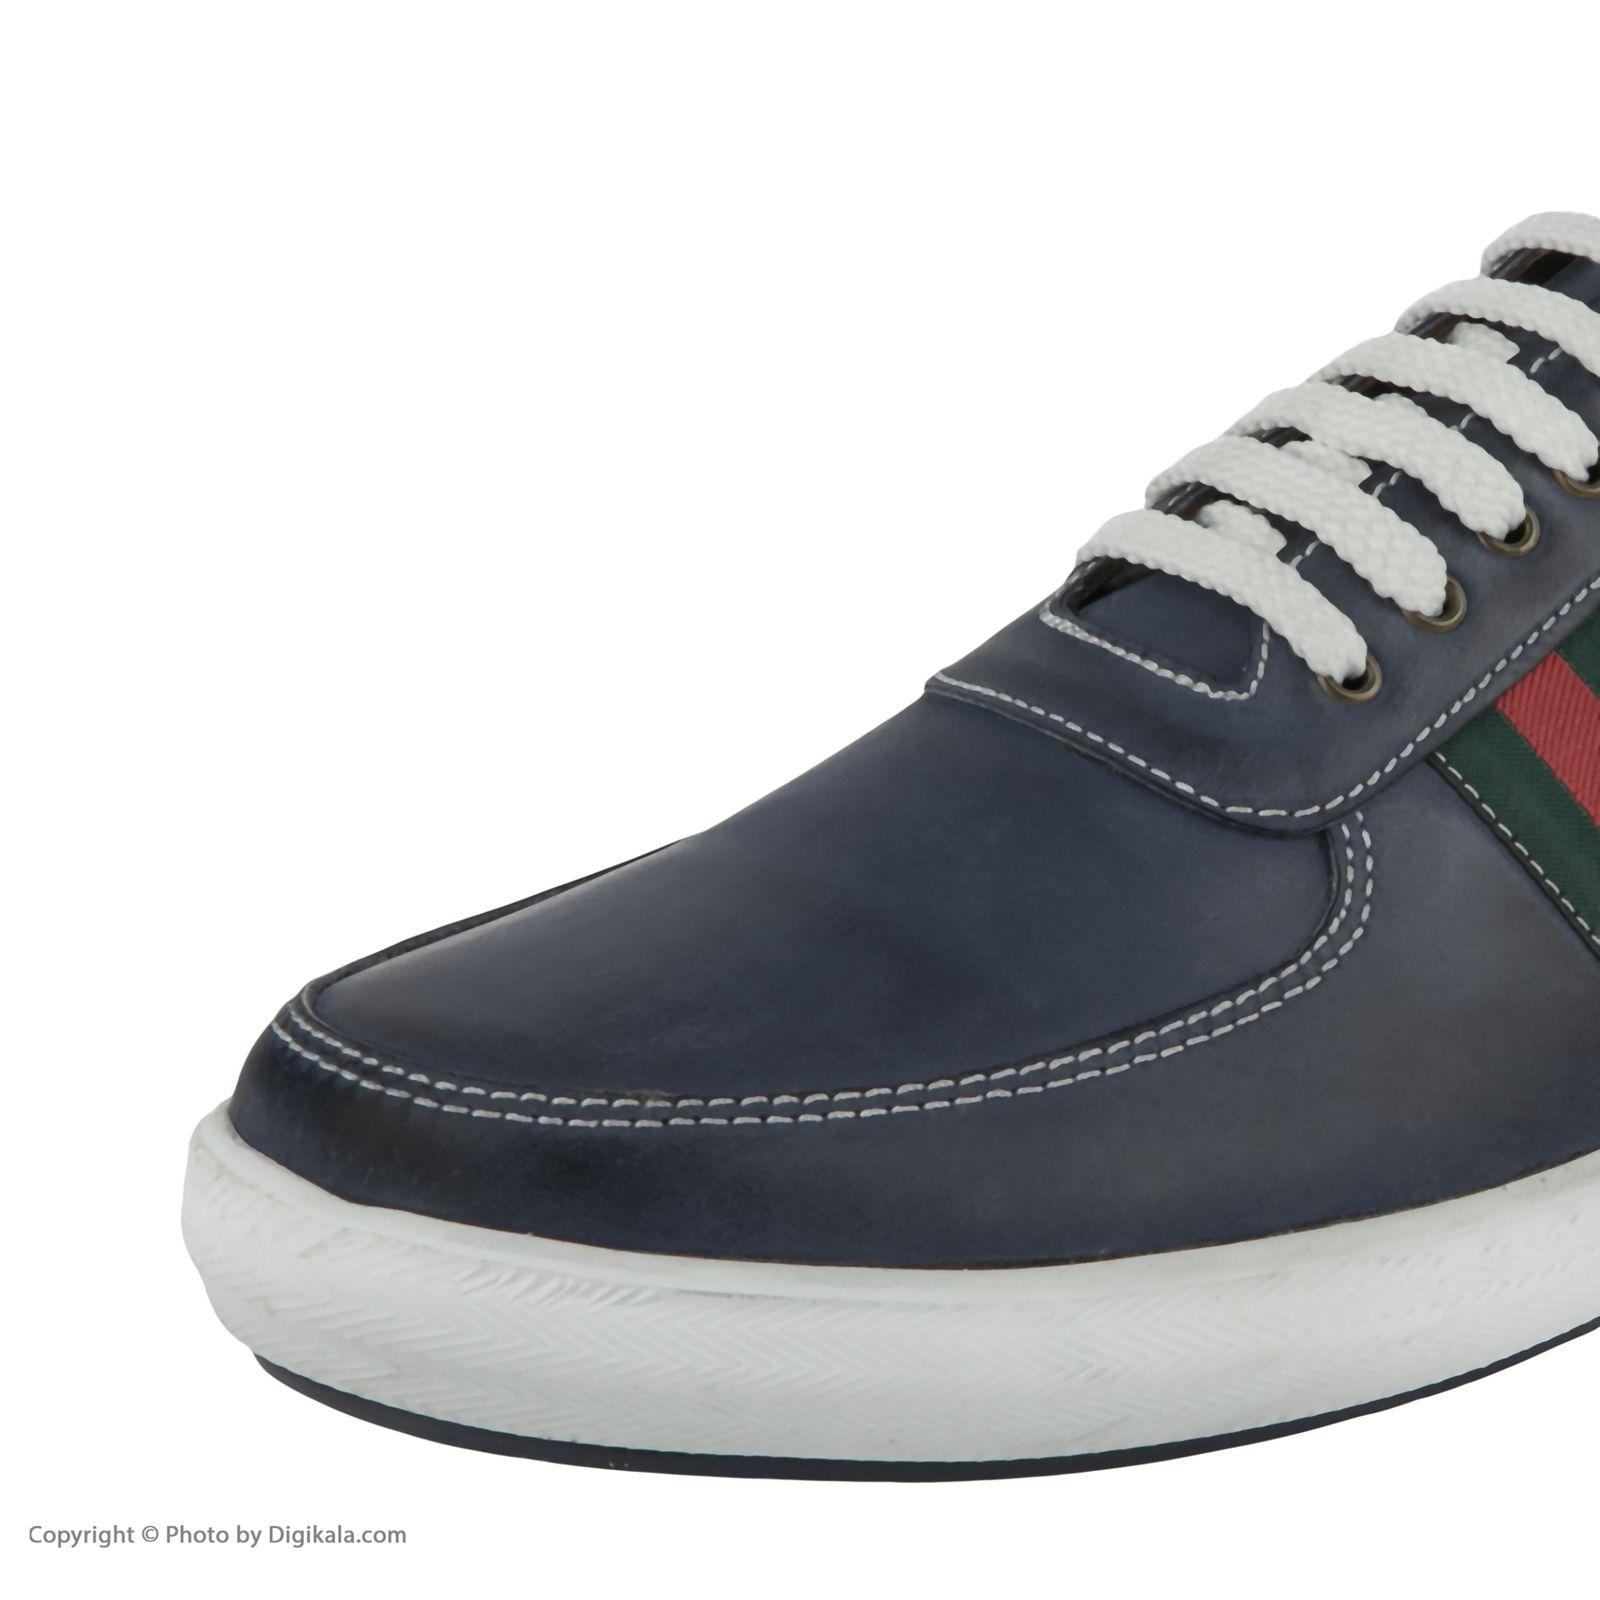 کفش روزمره مردانه سوته مدل 5054A503103 -  - 8